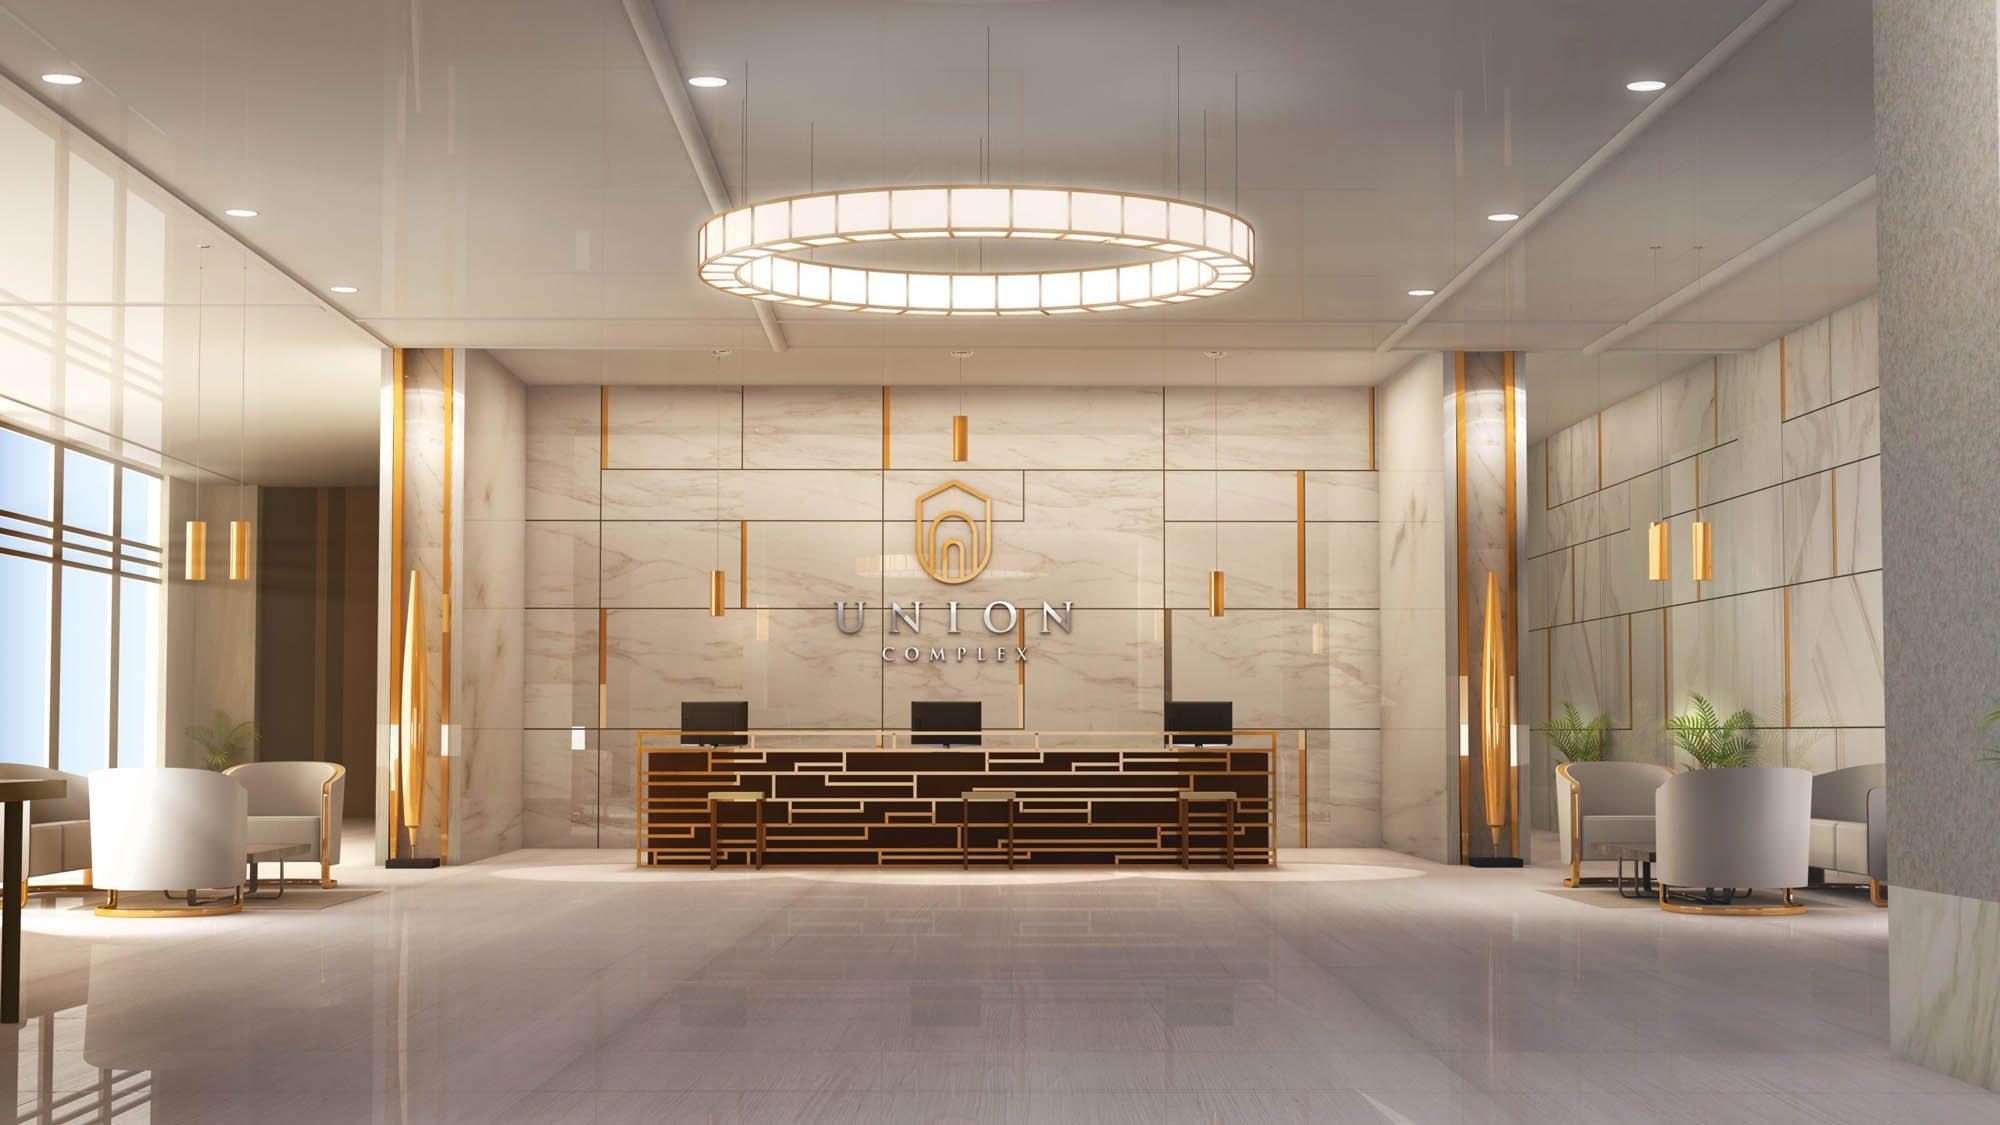 Reception in Union complex